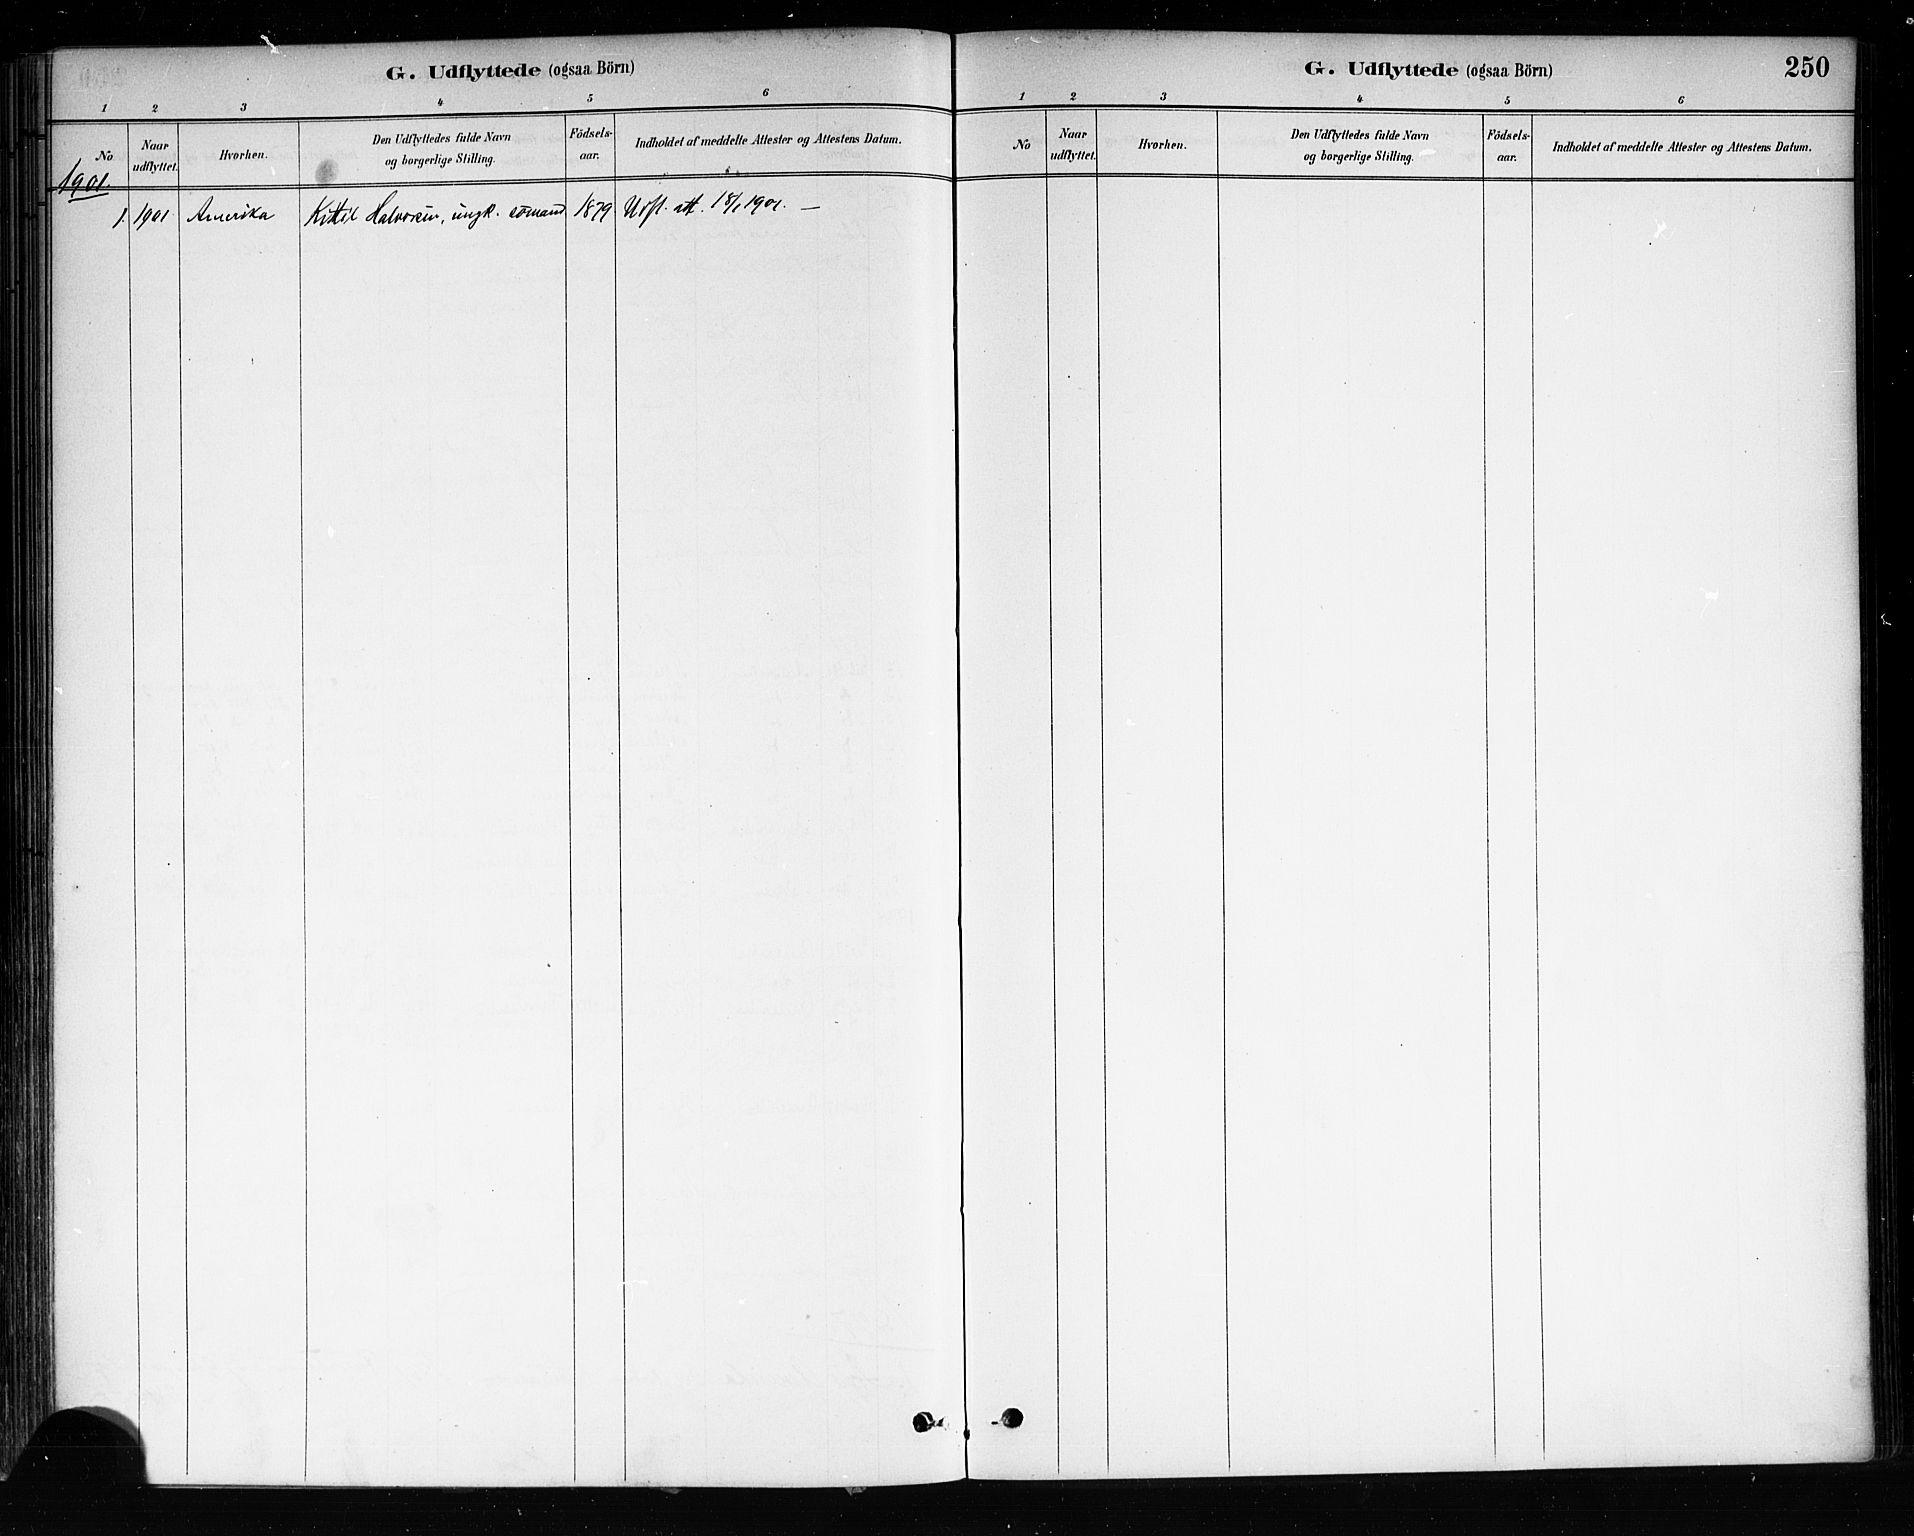 SAKO, Brevik kirkebøker, F/Fa/L0007: Ministerialbok nr. 7, 1882-1900, s. 250